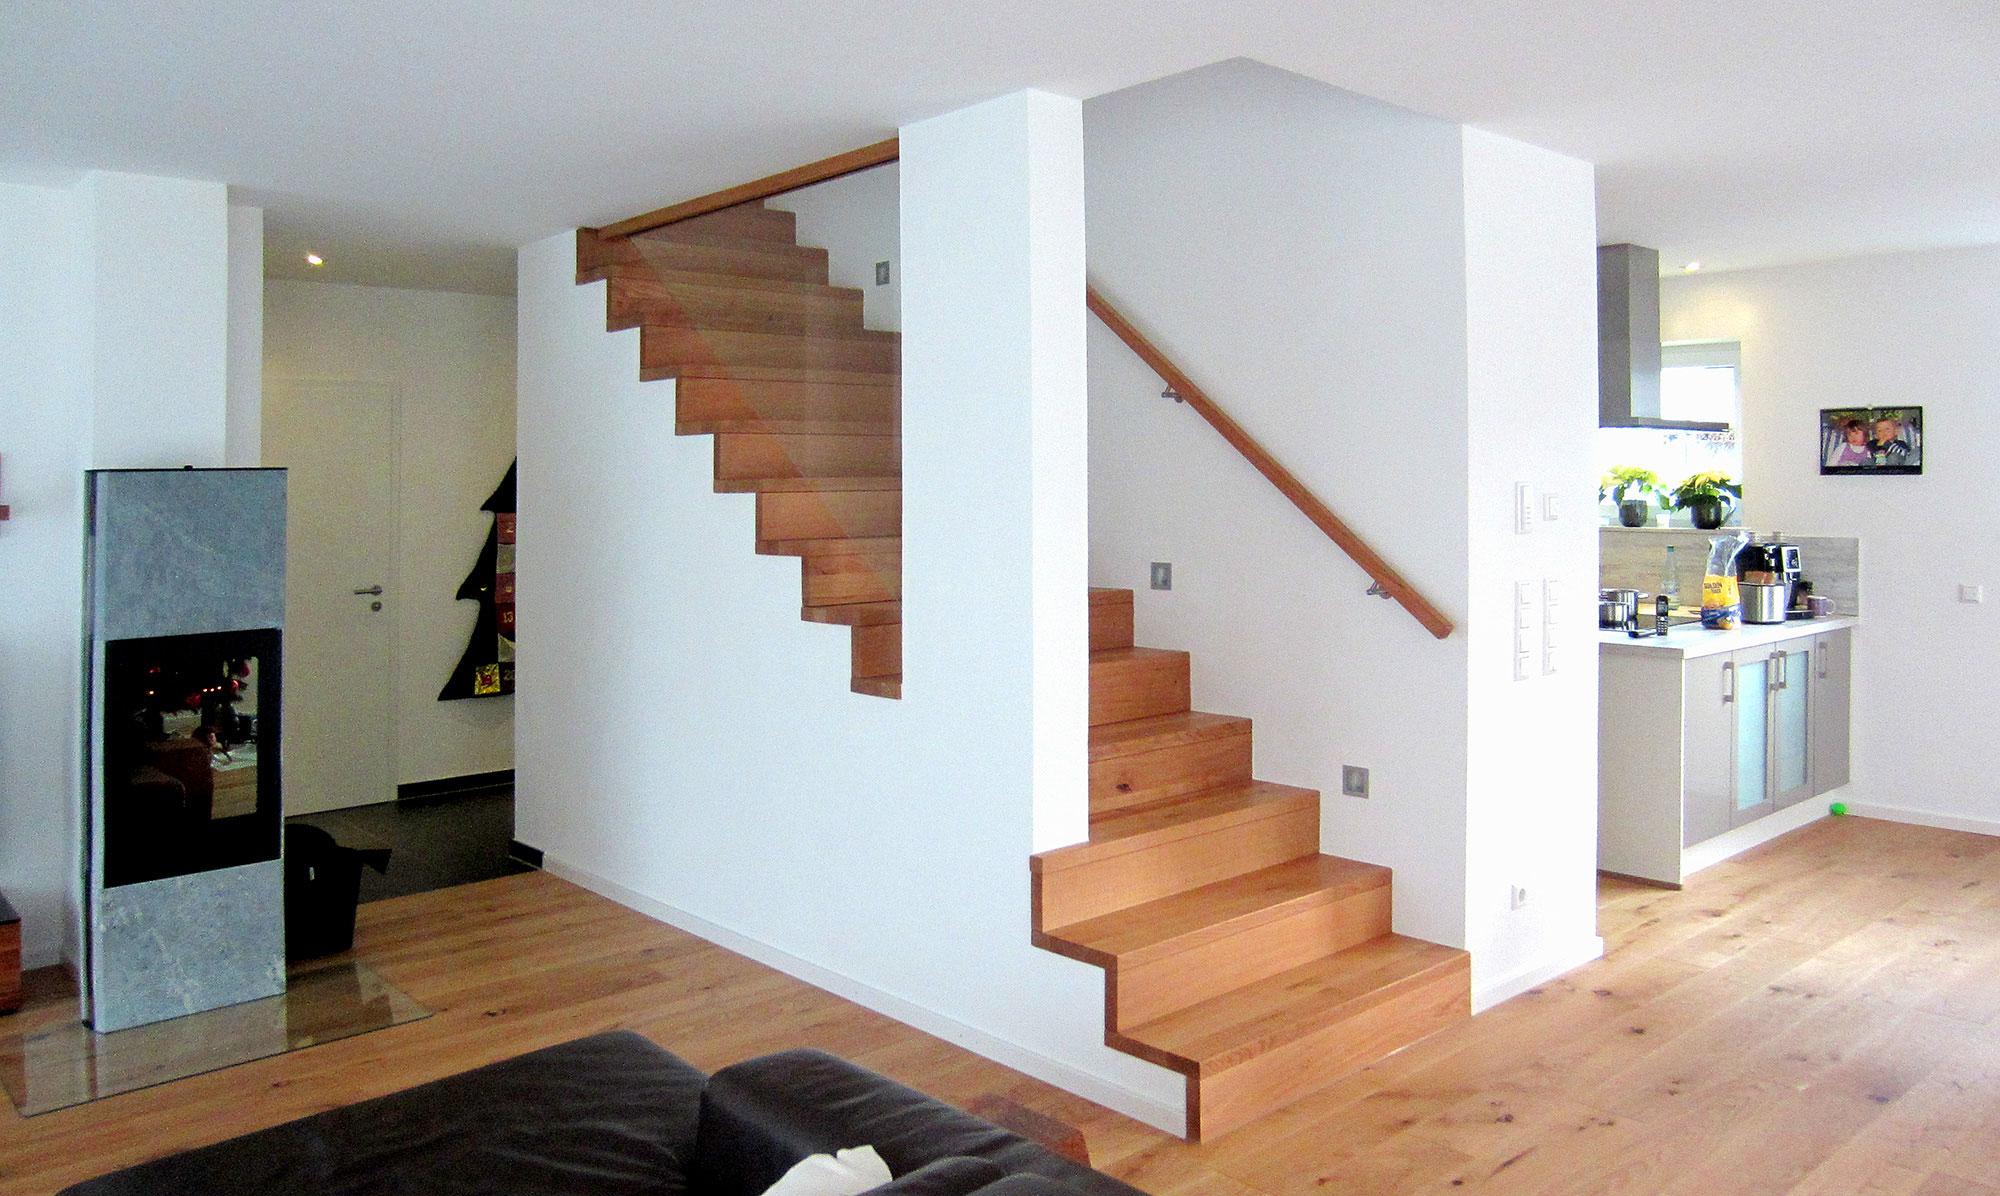 holzstufen auf betontreppe massive treppenstufen aus holz bucher treppen das original. Black Bedroom Furniture Sets. Home Design Ideas